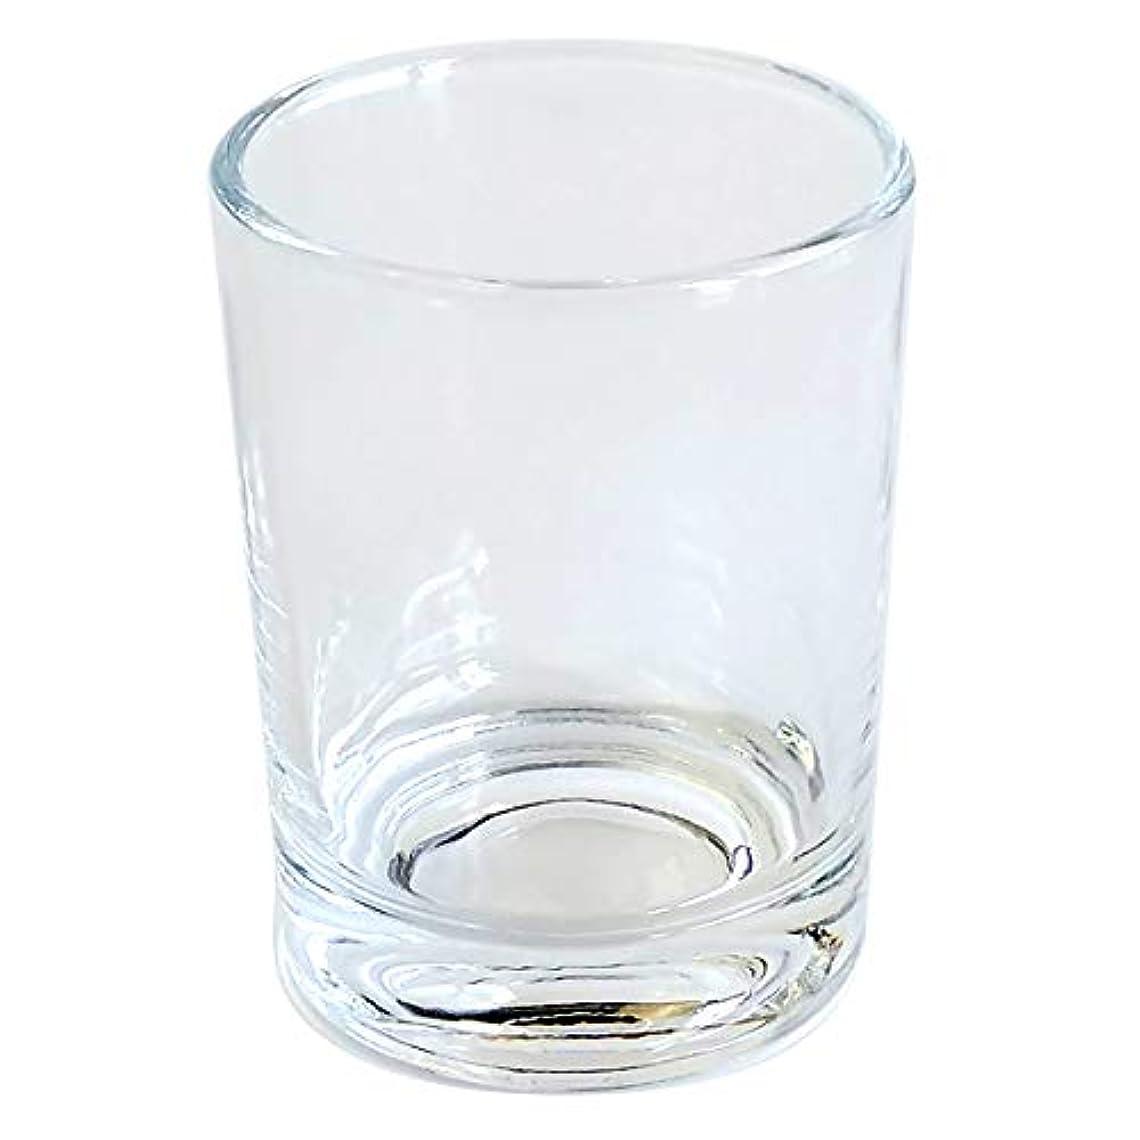 労働者福祉世紀キャンドルホルダー ガラス シンプル[大] 1個 キャンドルスタンド ろうそく立て おしゃれ